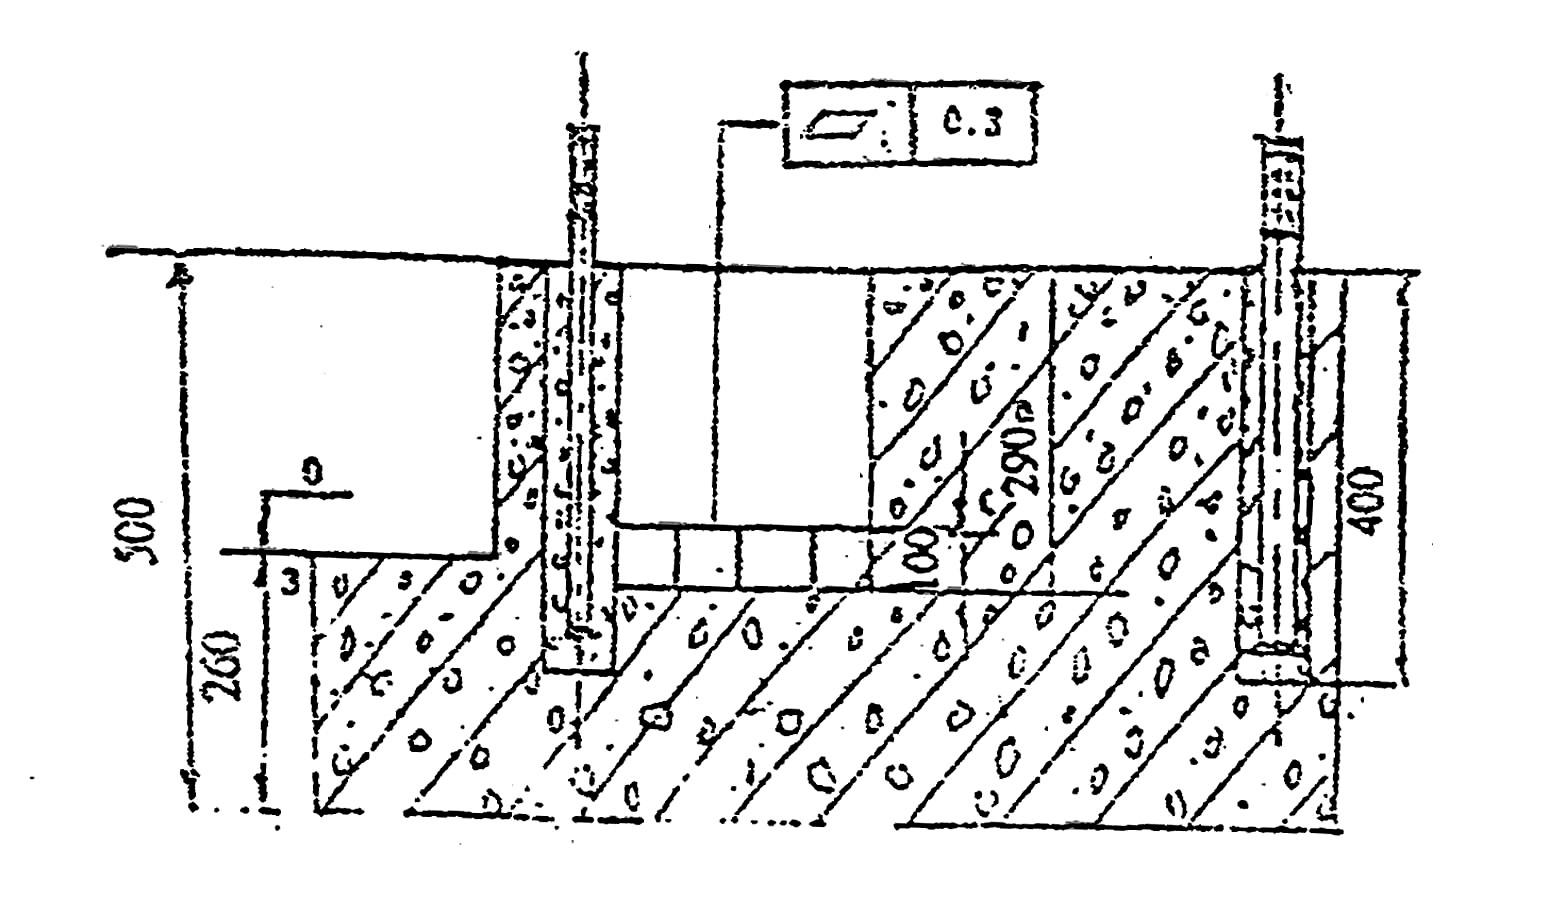 C41空气锤地基图